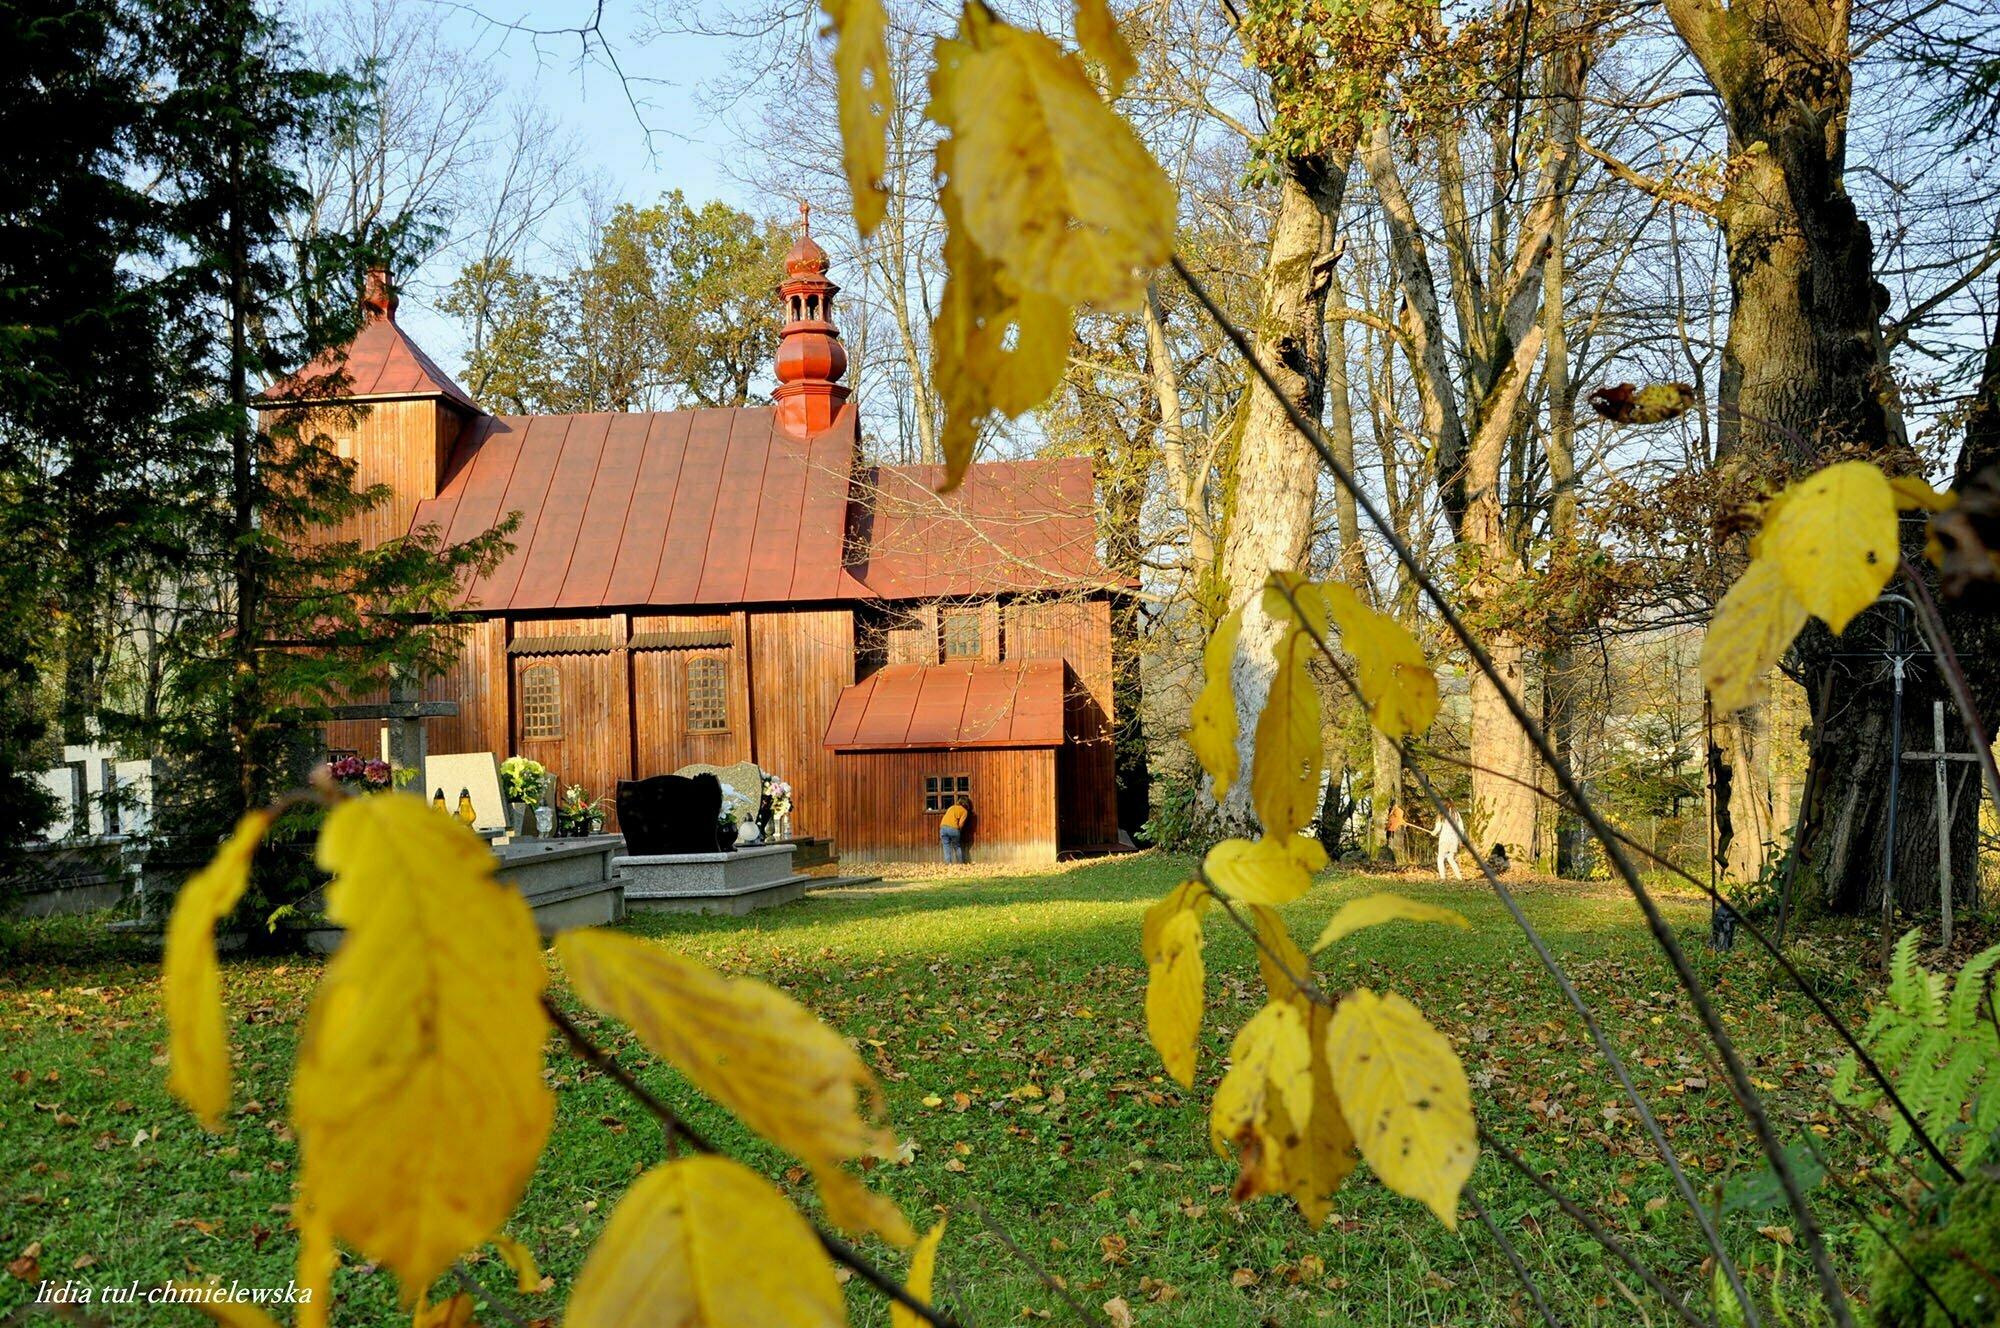 Cerkiew w Paszowej pw. Soboru Matki Bożej / fot. Lidia Tul-Chmielewska